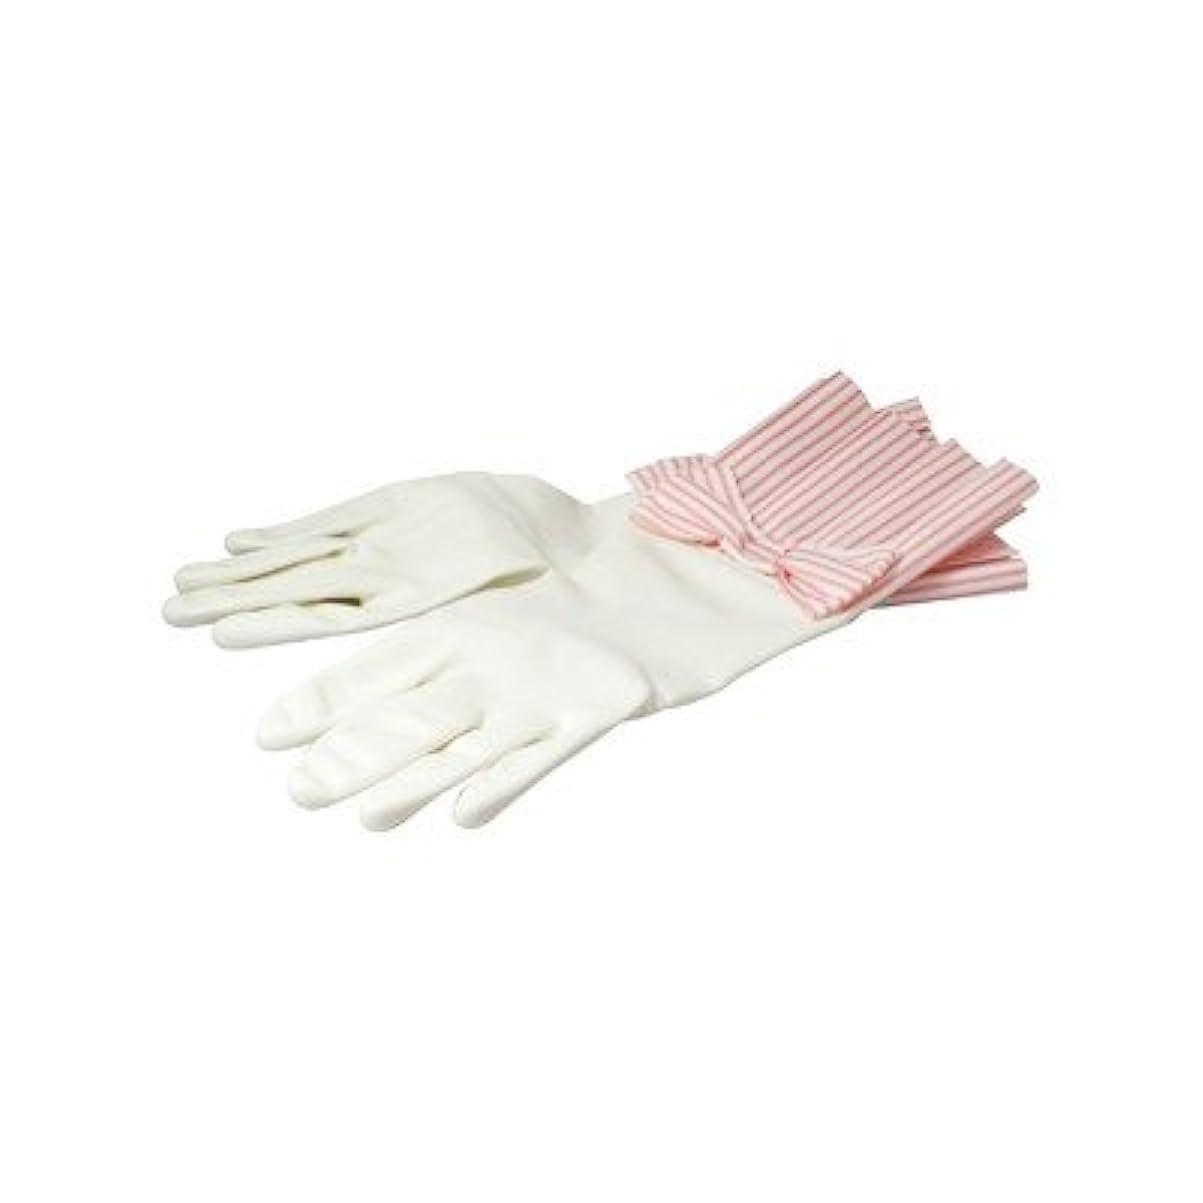 縫う平衡オンスラブグローブ ピンクストライプ